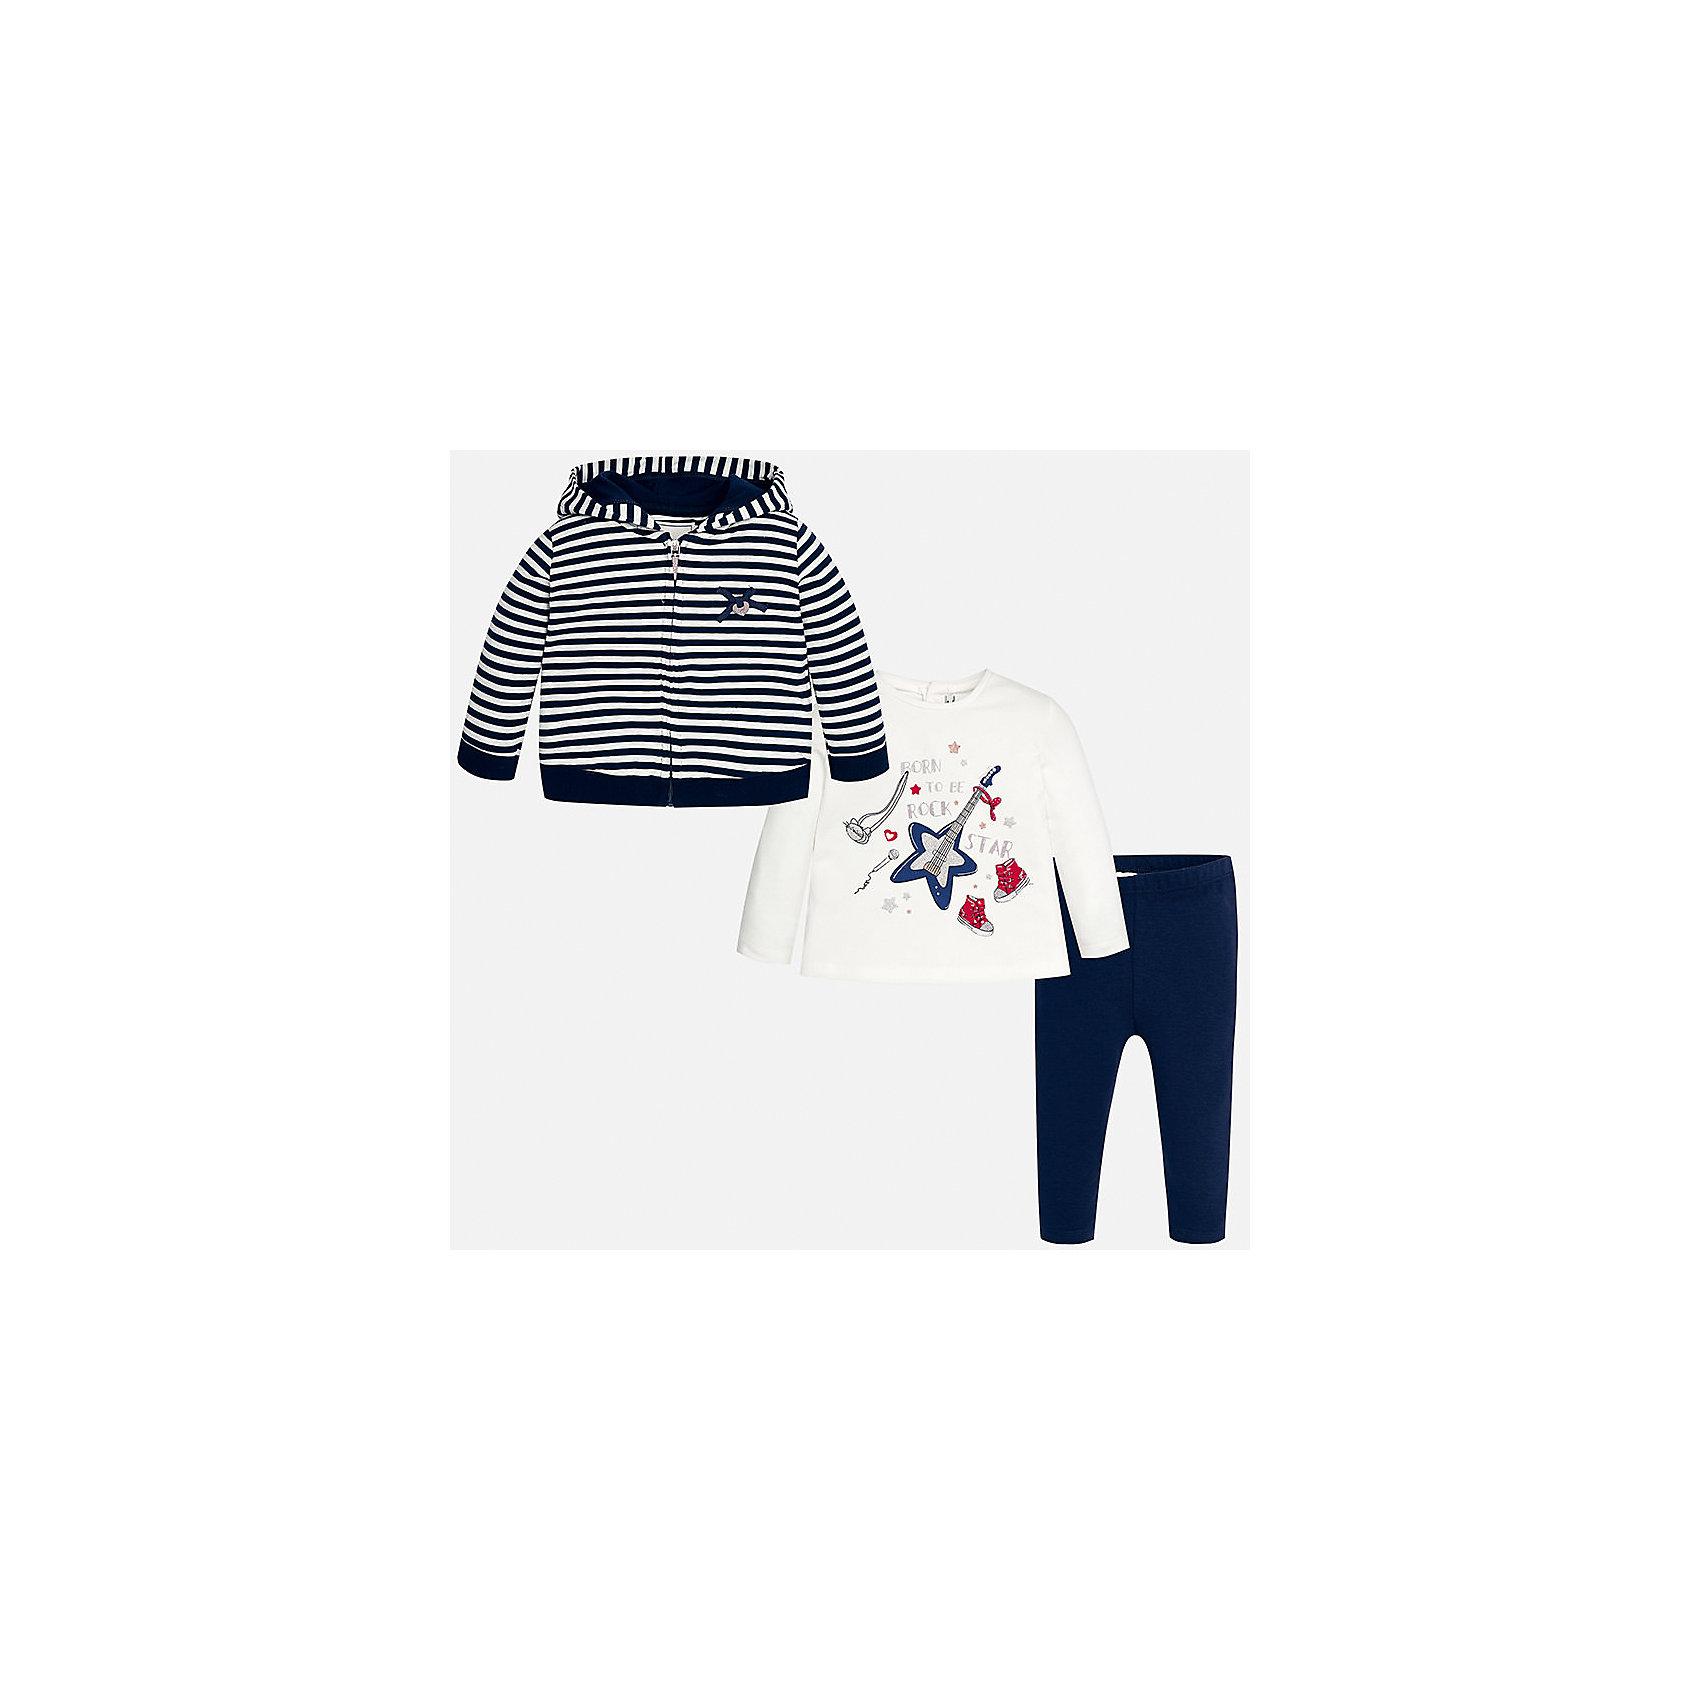 Комплект: жакет, футболка с длинным рукавом и леггинсы Mayoral для девочкиКомплекты<br>Характеристики товара:<br><br>• цвет: синий<br>• состав ткани: жакет - 85% хлопок, 15% полиэстер, лонгслив и леггинсы - 92% хлопок, 8% эластан<br>• комплект: жакет, лонгслив и леггинсы<br>• сезон: демисезон<br>• особенности: принт<br>• пояс: резинка<br>• длинные рукава<br>• застежка: кнопки, молния<br>• страна бренда: Испания<br>• страна изготовитель: Индия<br><br>Такой детский комплект из толстовки, лонгслива и леггинсов для девочки сделан из плотного приятного на ощупь материала. Благодаря продуманному крою создаются комфортные условия для тела ребенка. Леггинсы для девочки отличаются классическим дизайном.<br><br>Комплект: жакет, лонгслив и леггинсы для девочки Mayoral (Майорал) можно купить в нашем интернет-магазине.<br><br>Ширина мм: 123<br>Глубина мм: 10<br>Высота мм: 149<br>Вес г: 209<br>Цвет: синий<br>Возраст от месяцев: 12<br>Возраст до месяцев: 15<br>Пол: Женский<br>Возраст: Детский<br>Размер: 80,86,92,98,74<br>SKU: 6920434